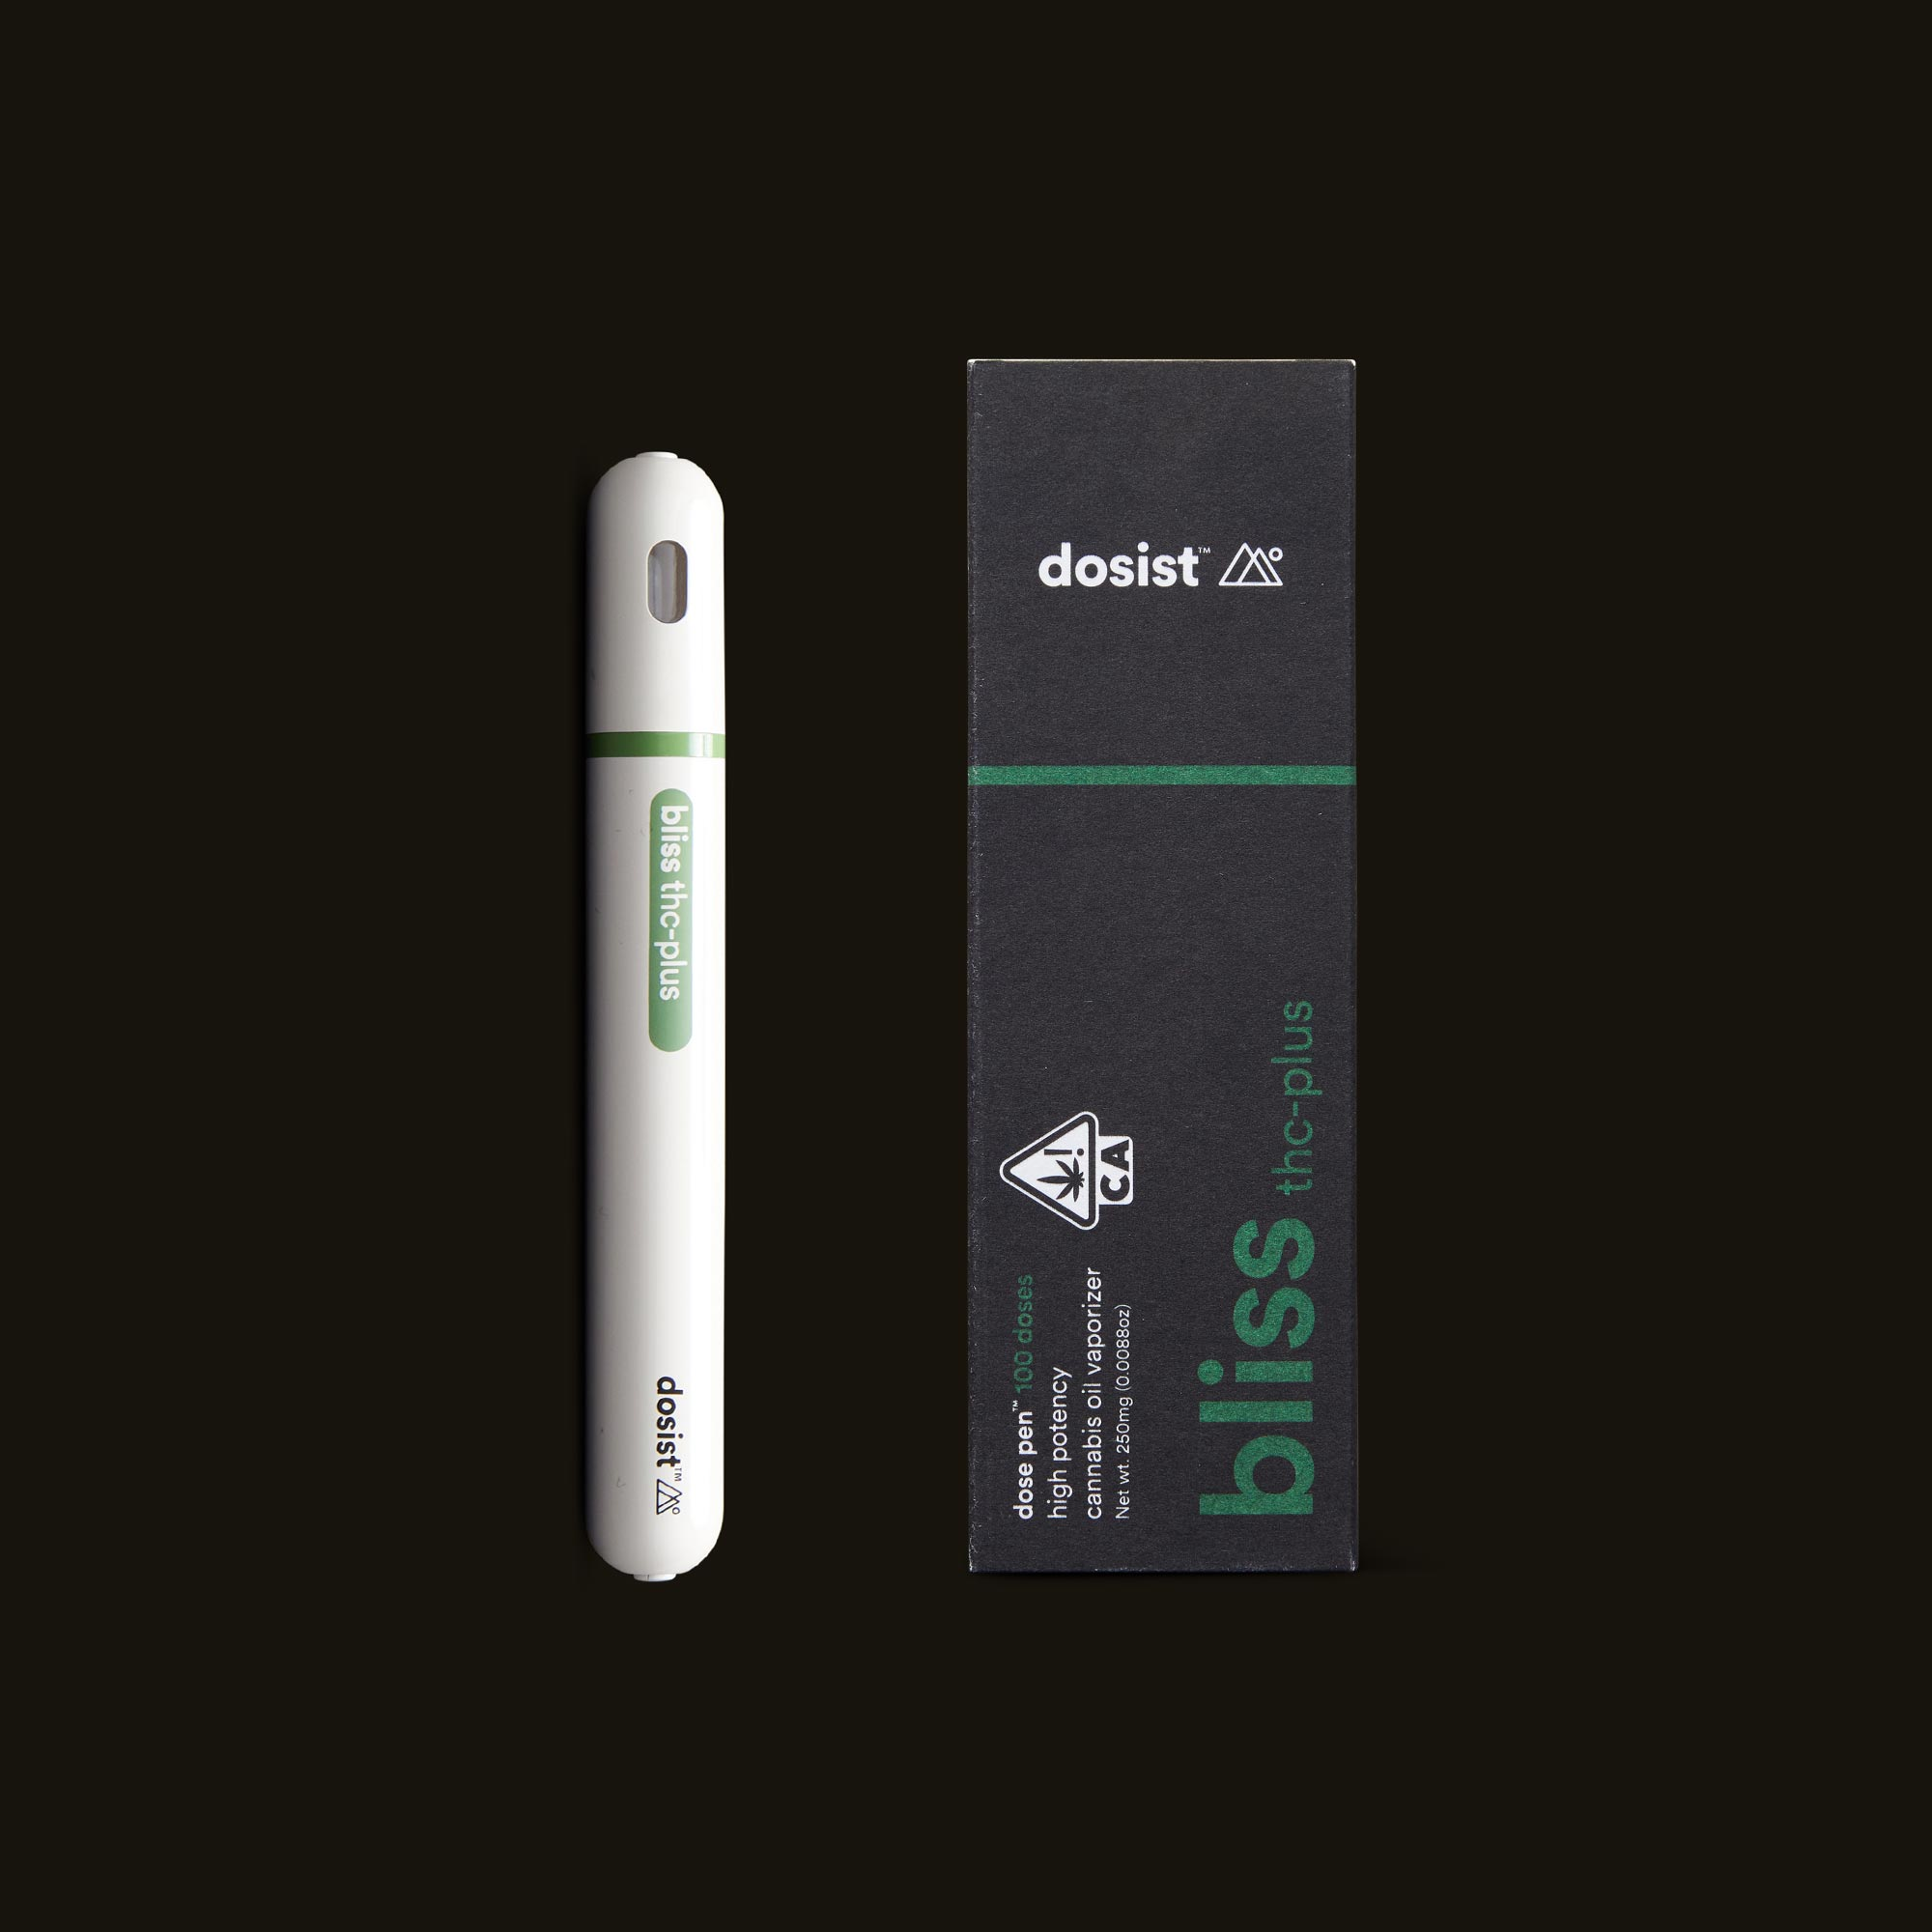 dosist bliss thc-plus dose pen